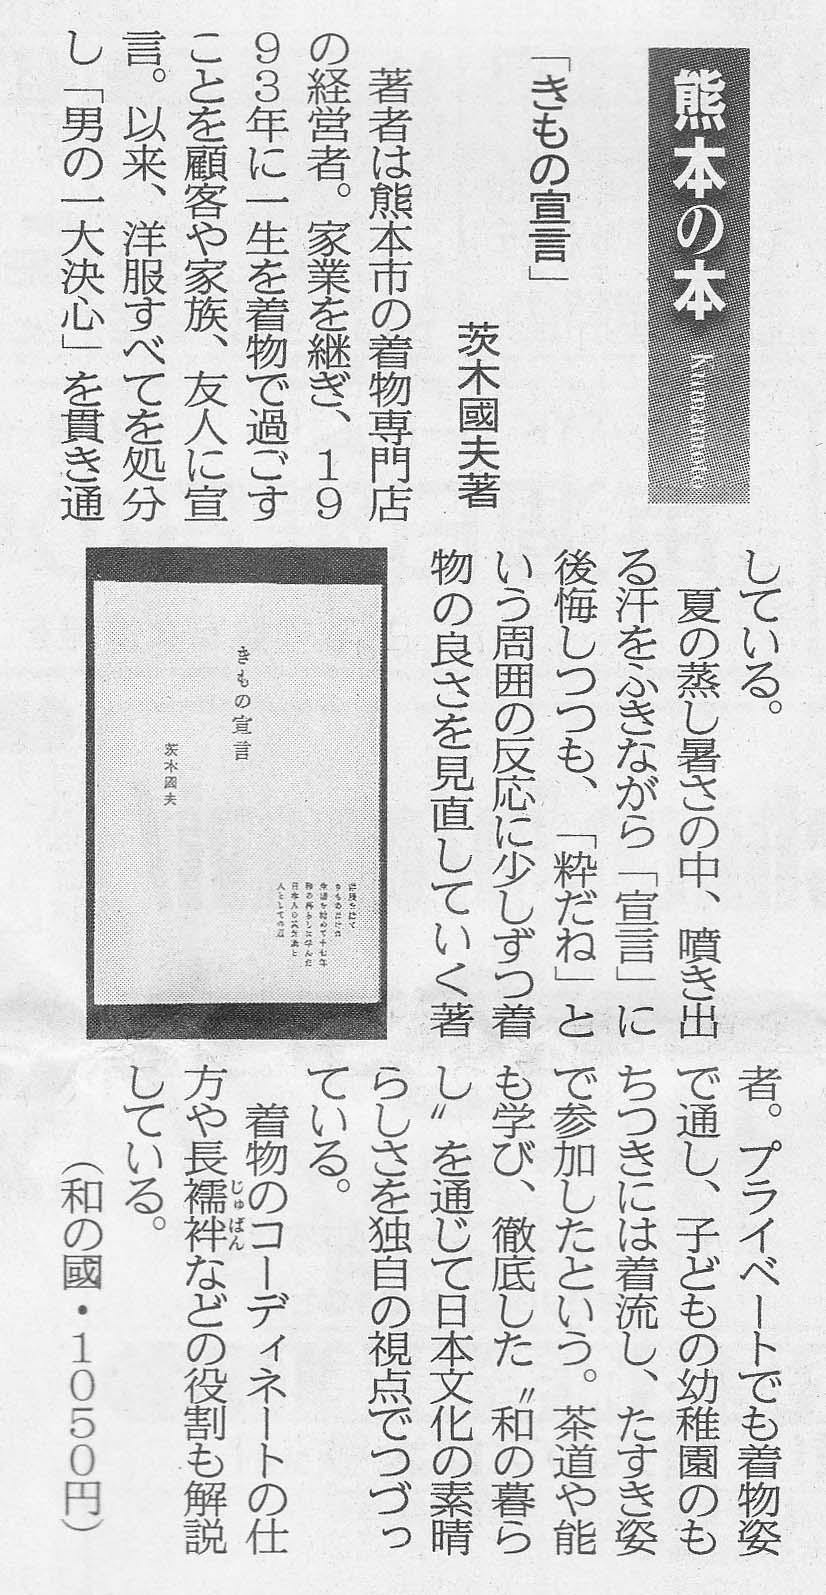 2009.0719 熊本日日新聞